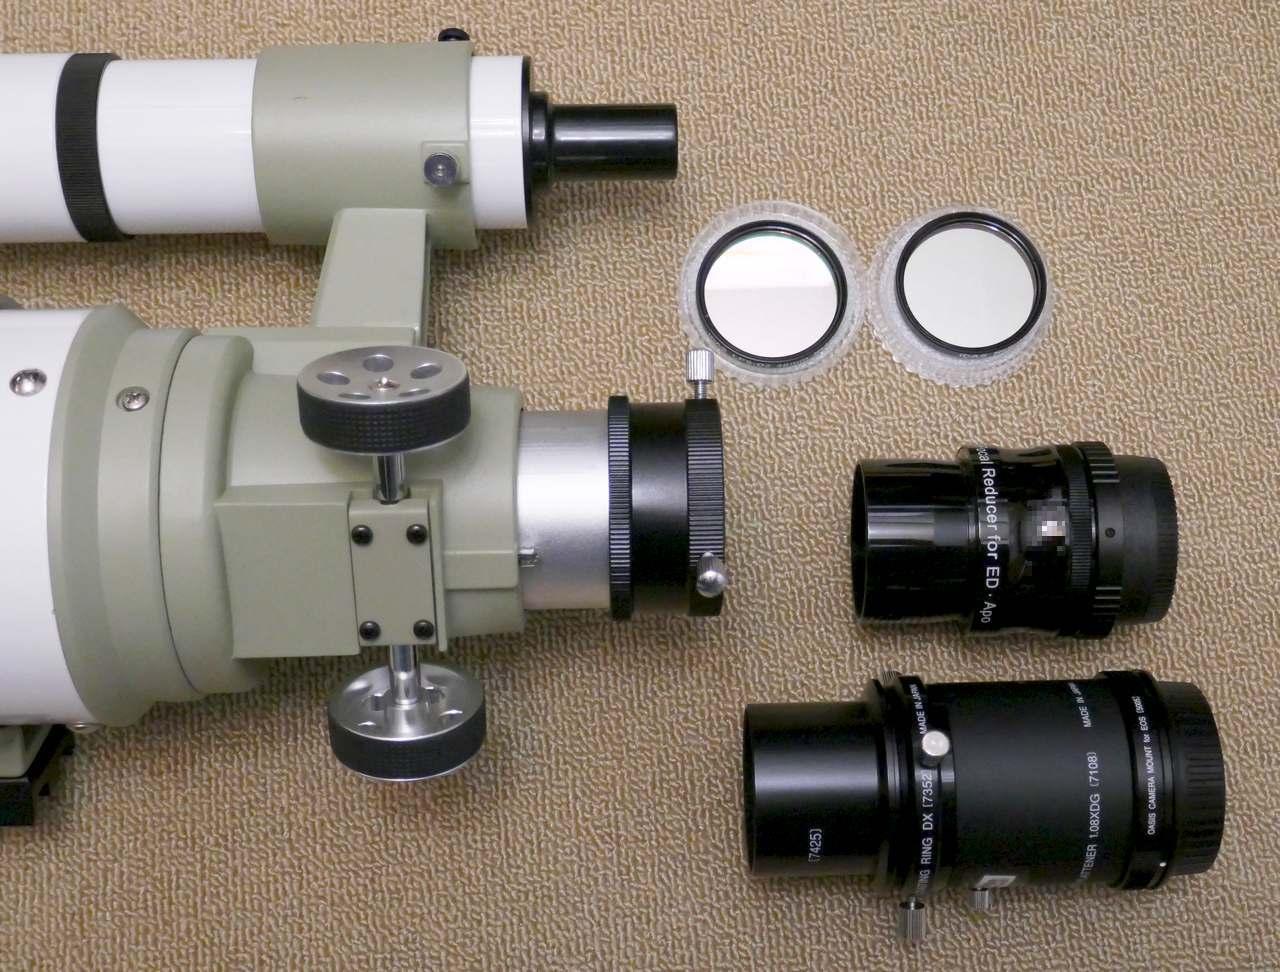 SE120ことドナルド君の撮影システム考察